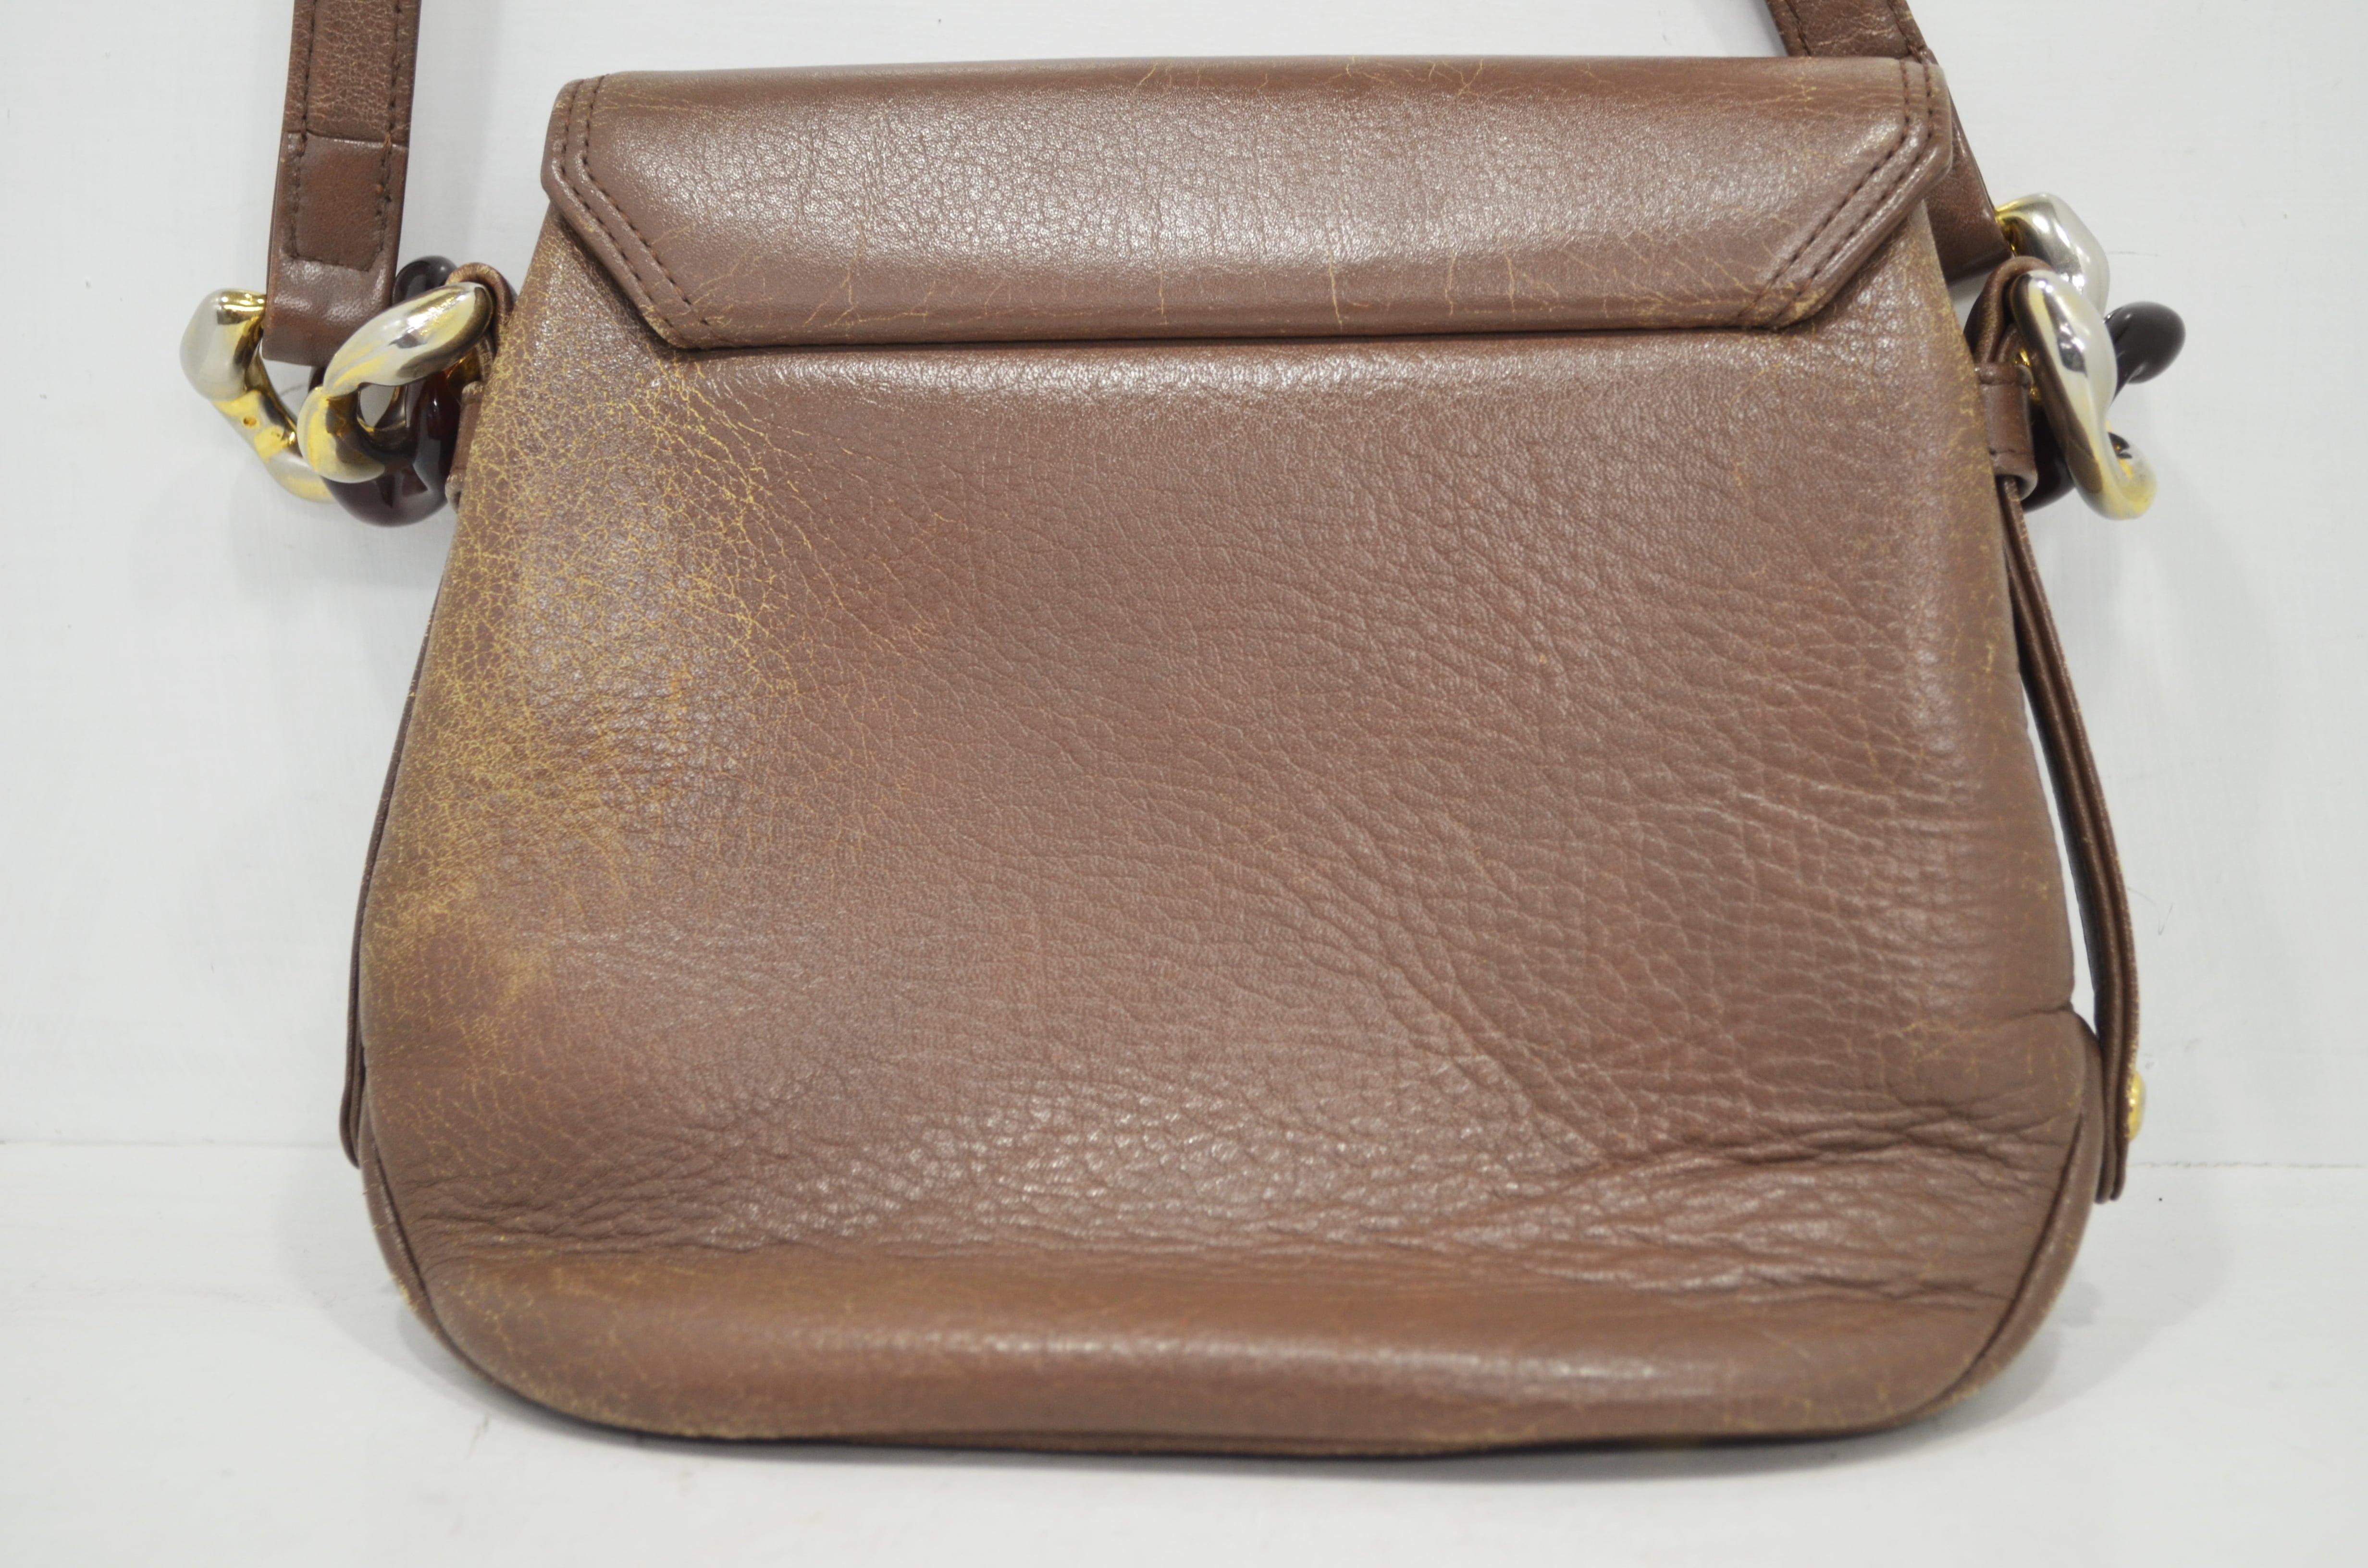 マレリーの鞄・バッグのクリーニング作業例裏面